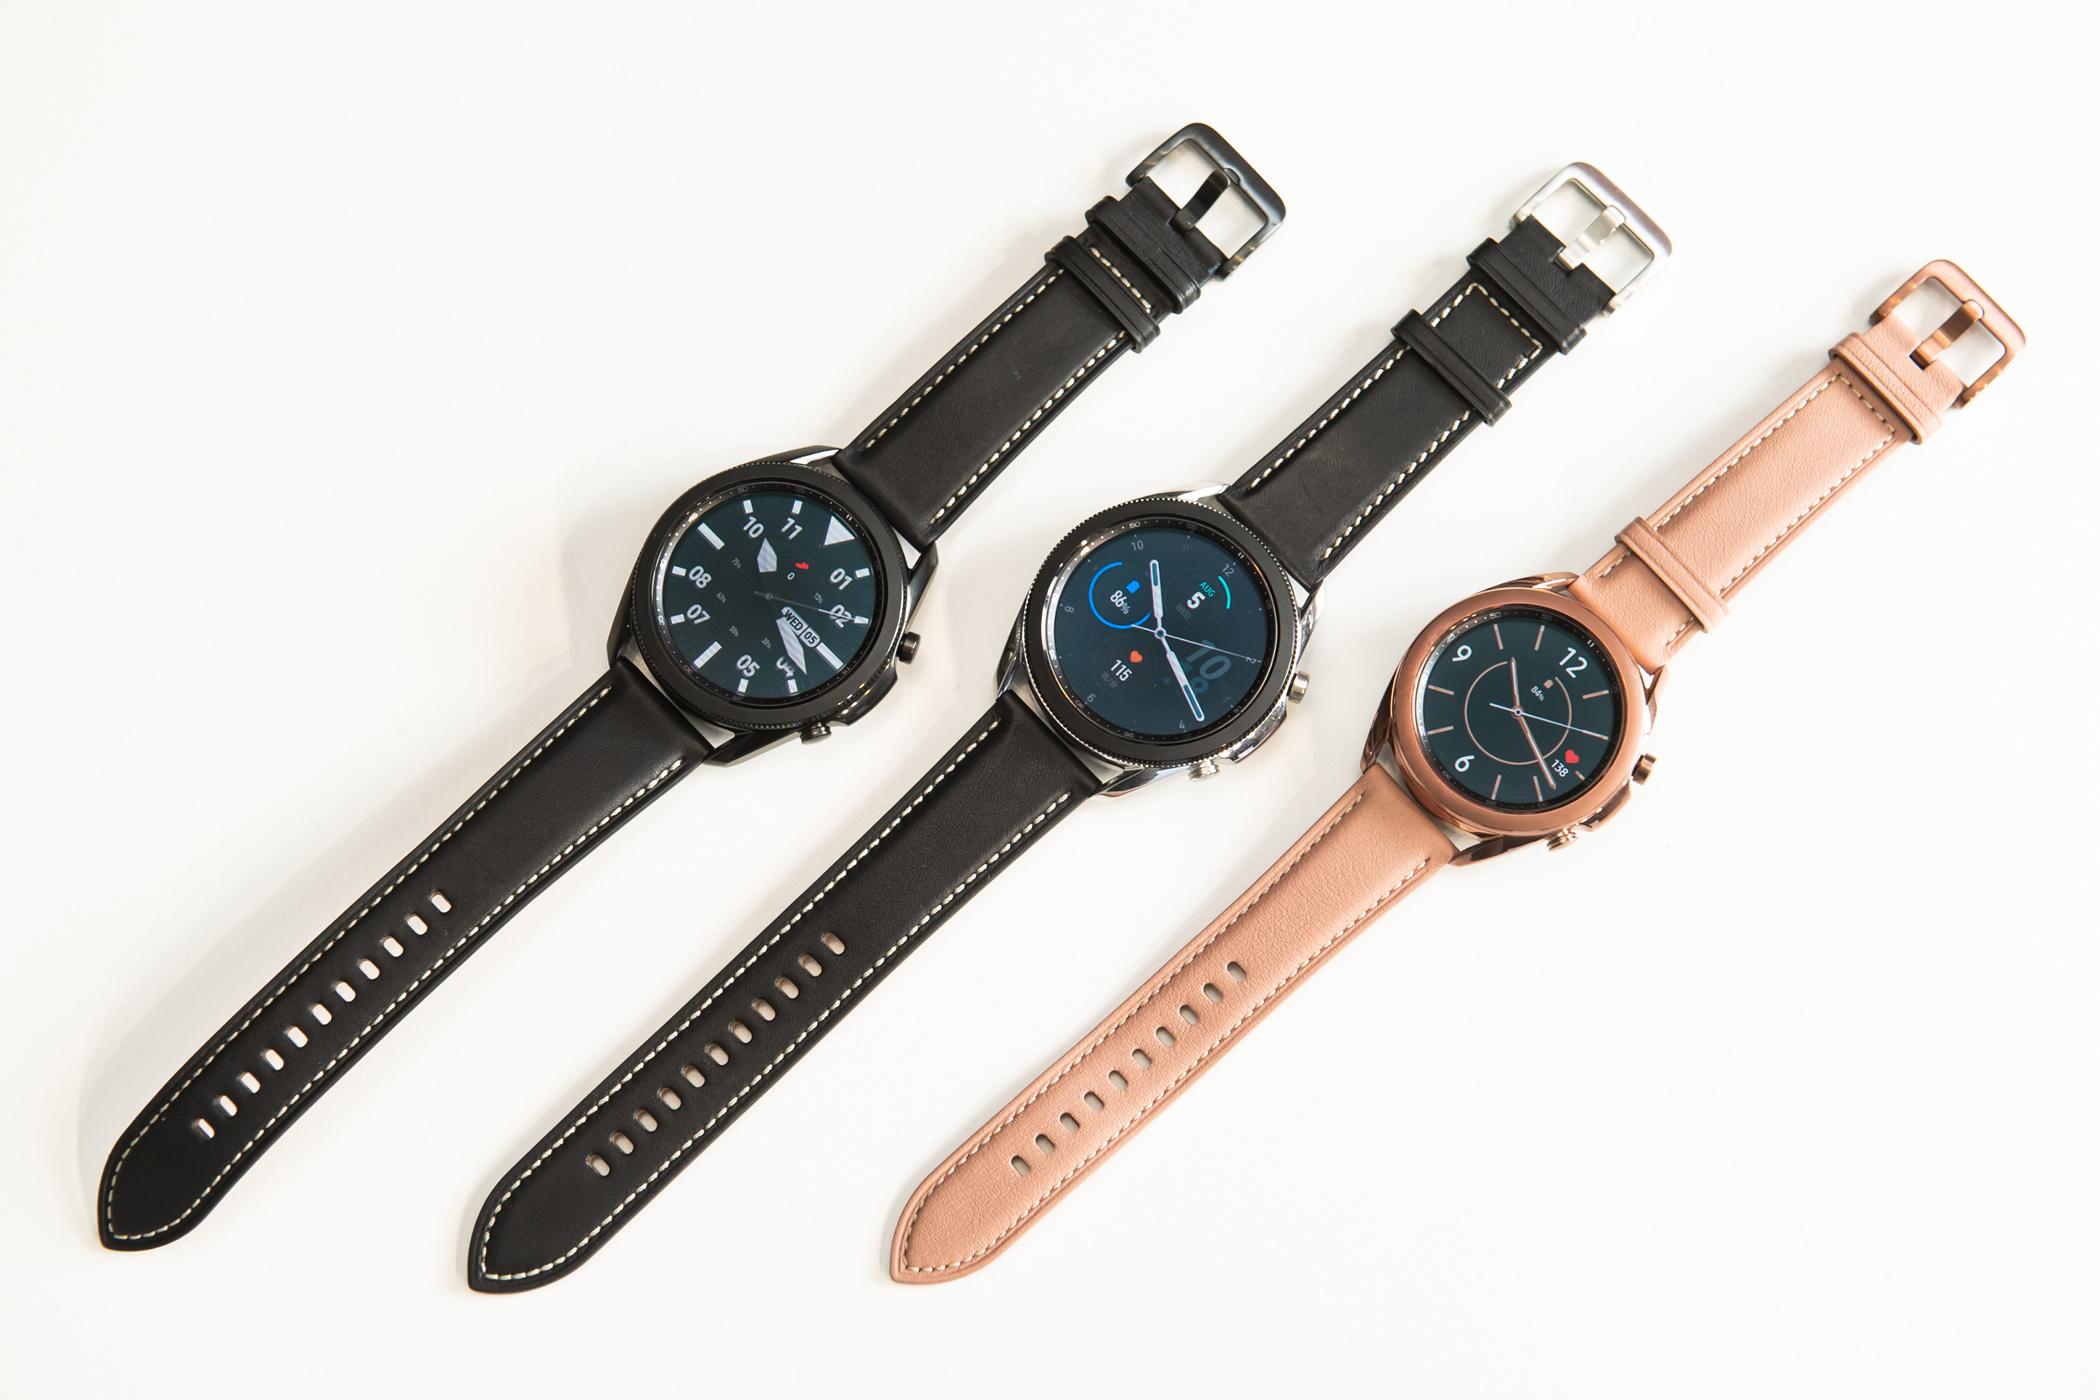 Galaxy Watch3共推出45mm星幻黑、星幻銀,41mm星霧金三種顏色